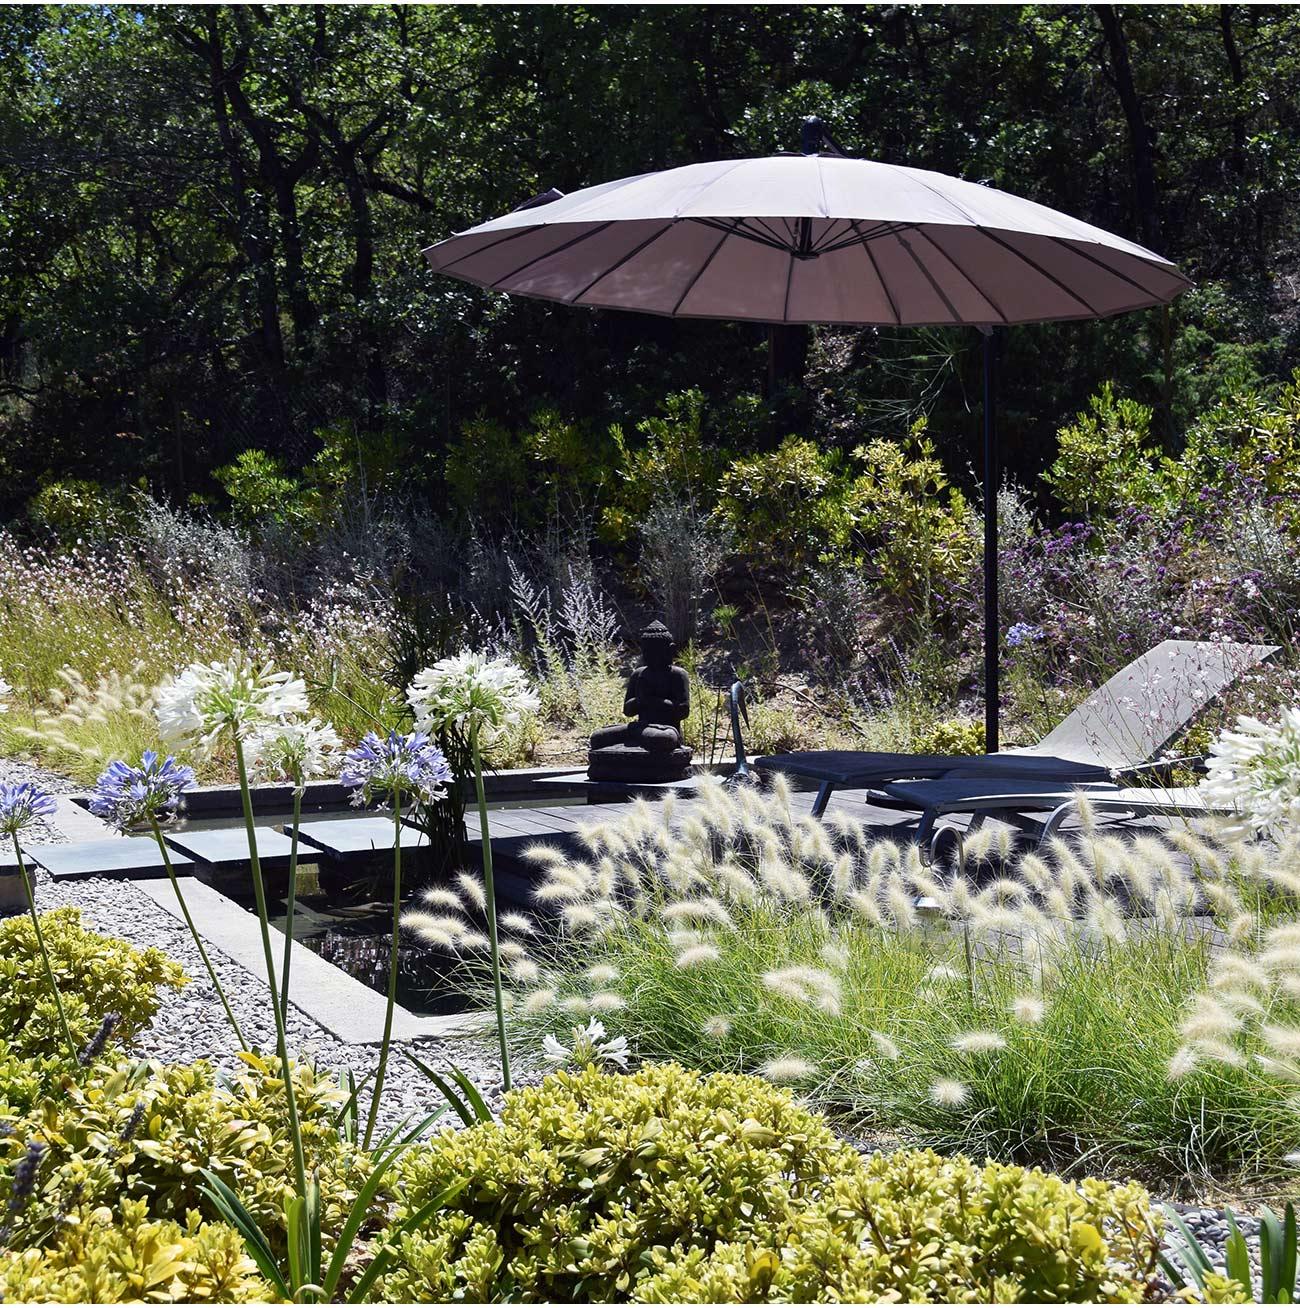 Christophe Naudier - Architecte paysagiste concepteur - Montpellier & Aix en Provence - jardin, bassin & piscine relookée - Aménagement jardin